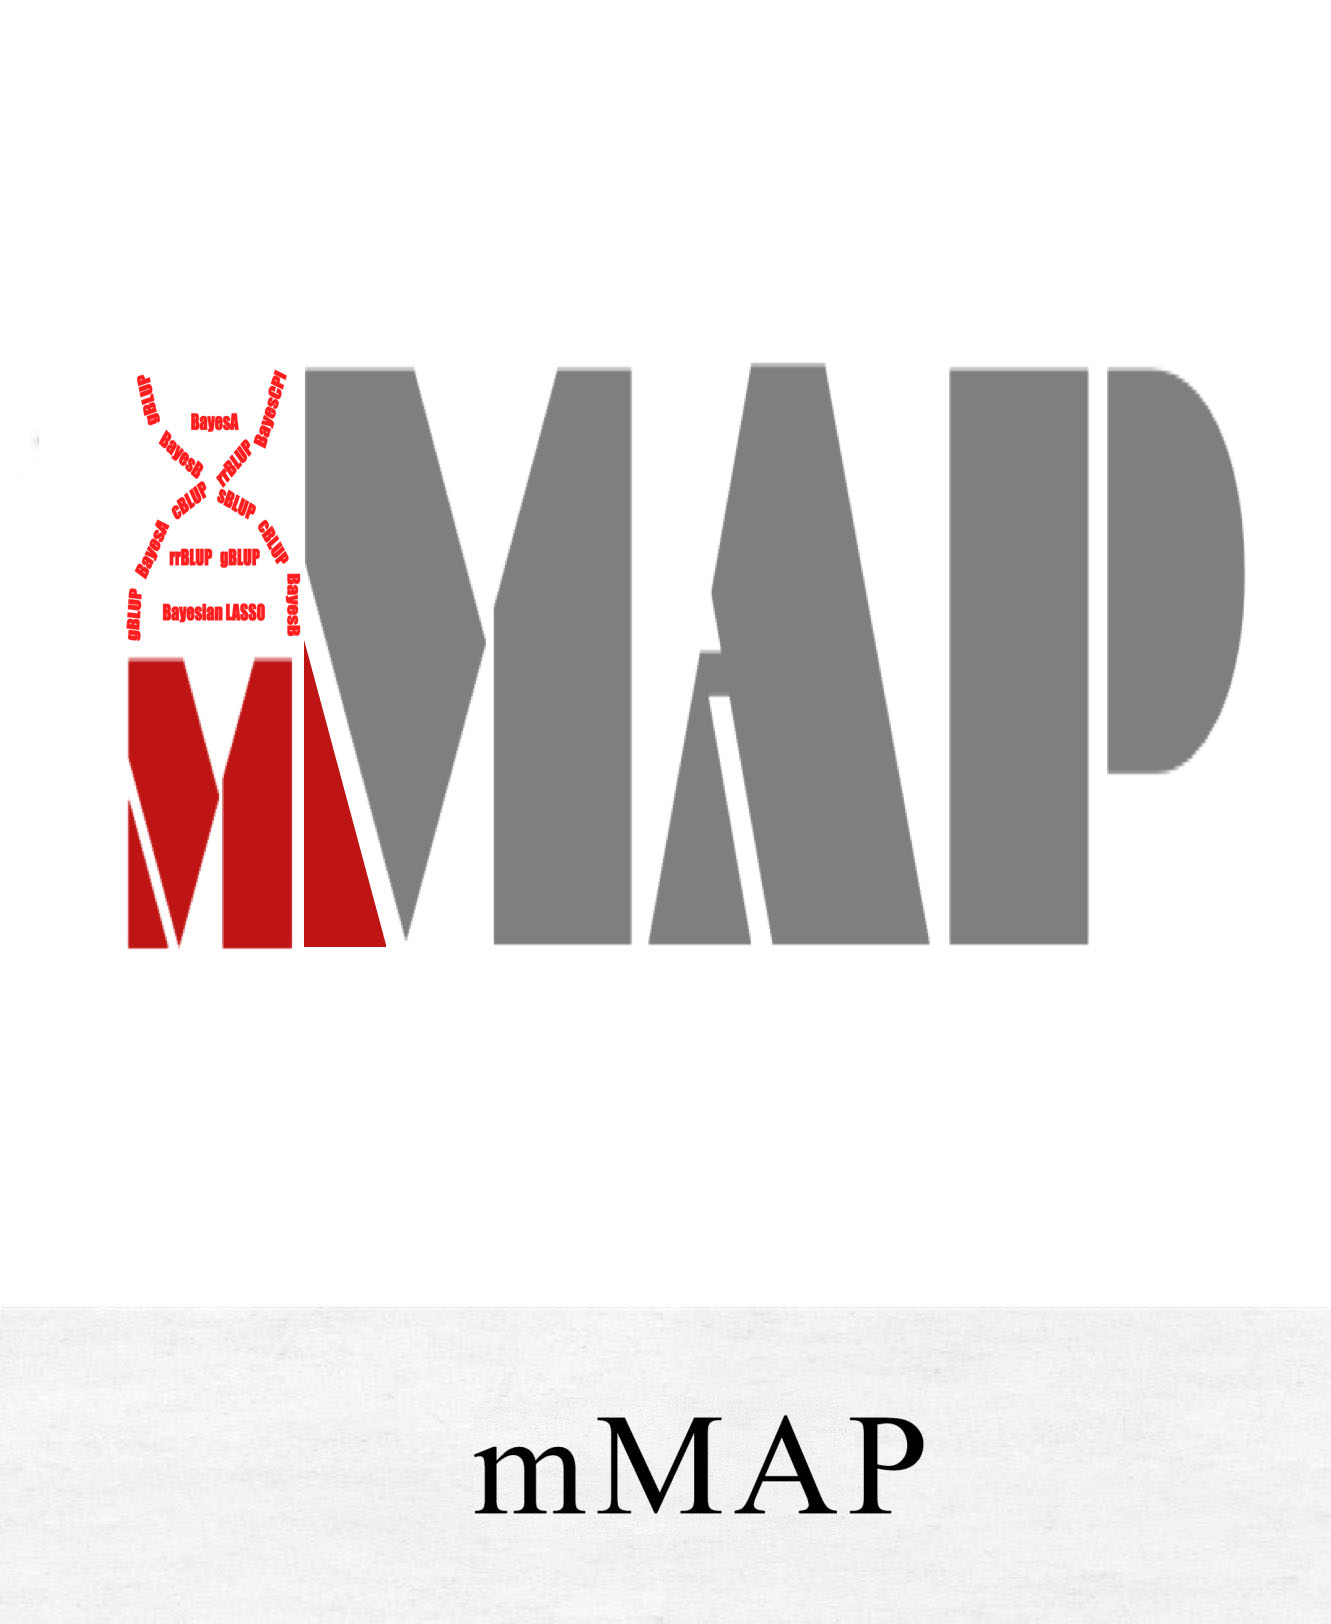 picmMap.jpg